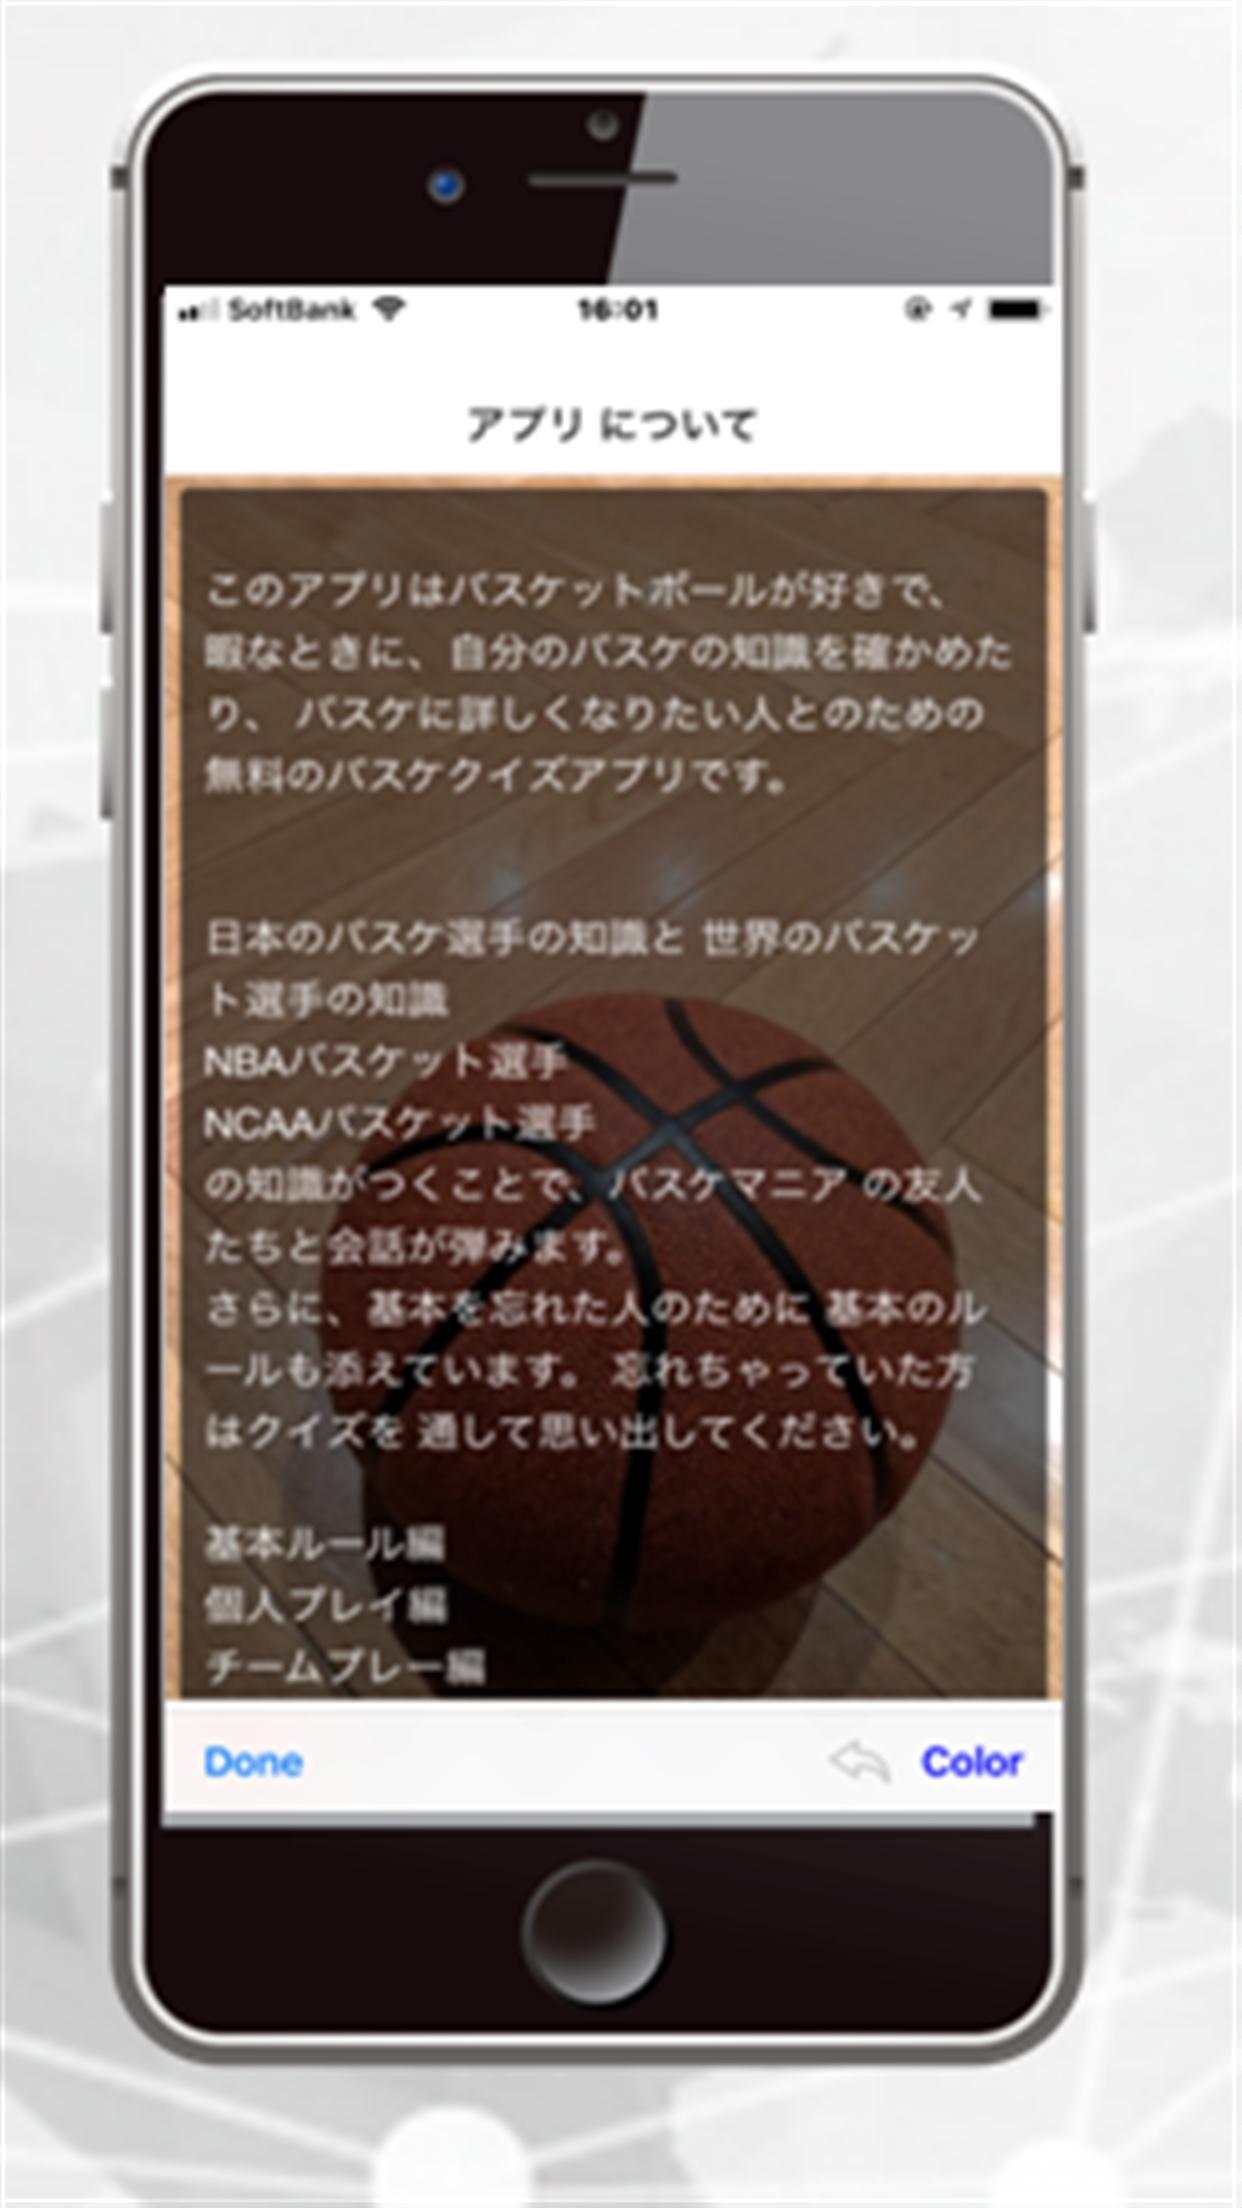 バスケットボール好きーバスケマニアの日本の選手やNBAの選手や歴史クイズ poster